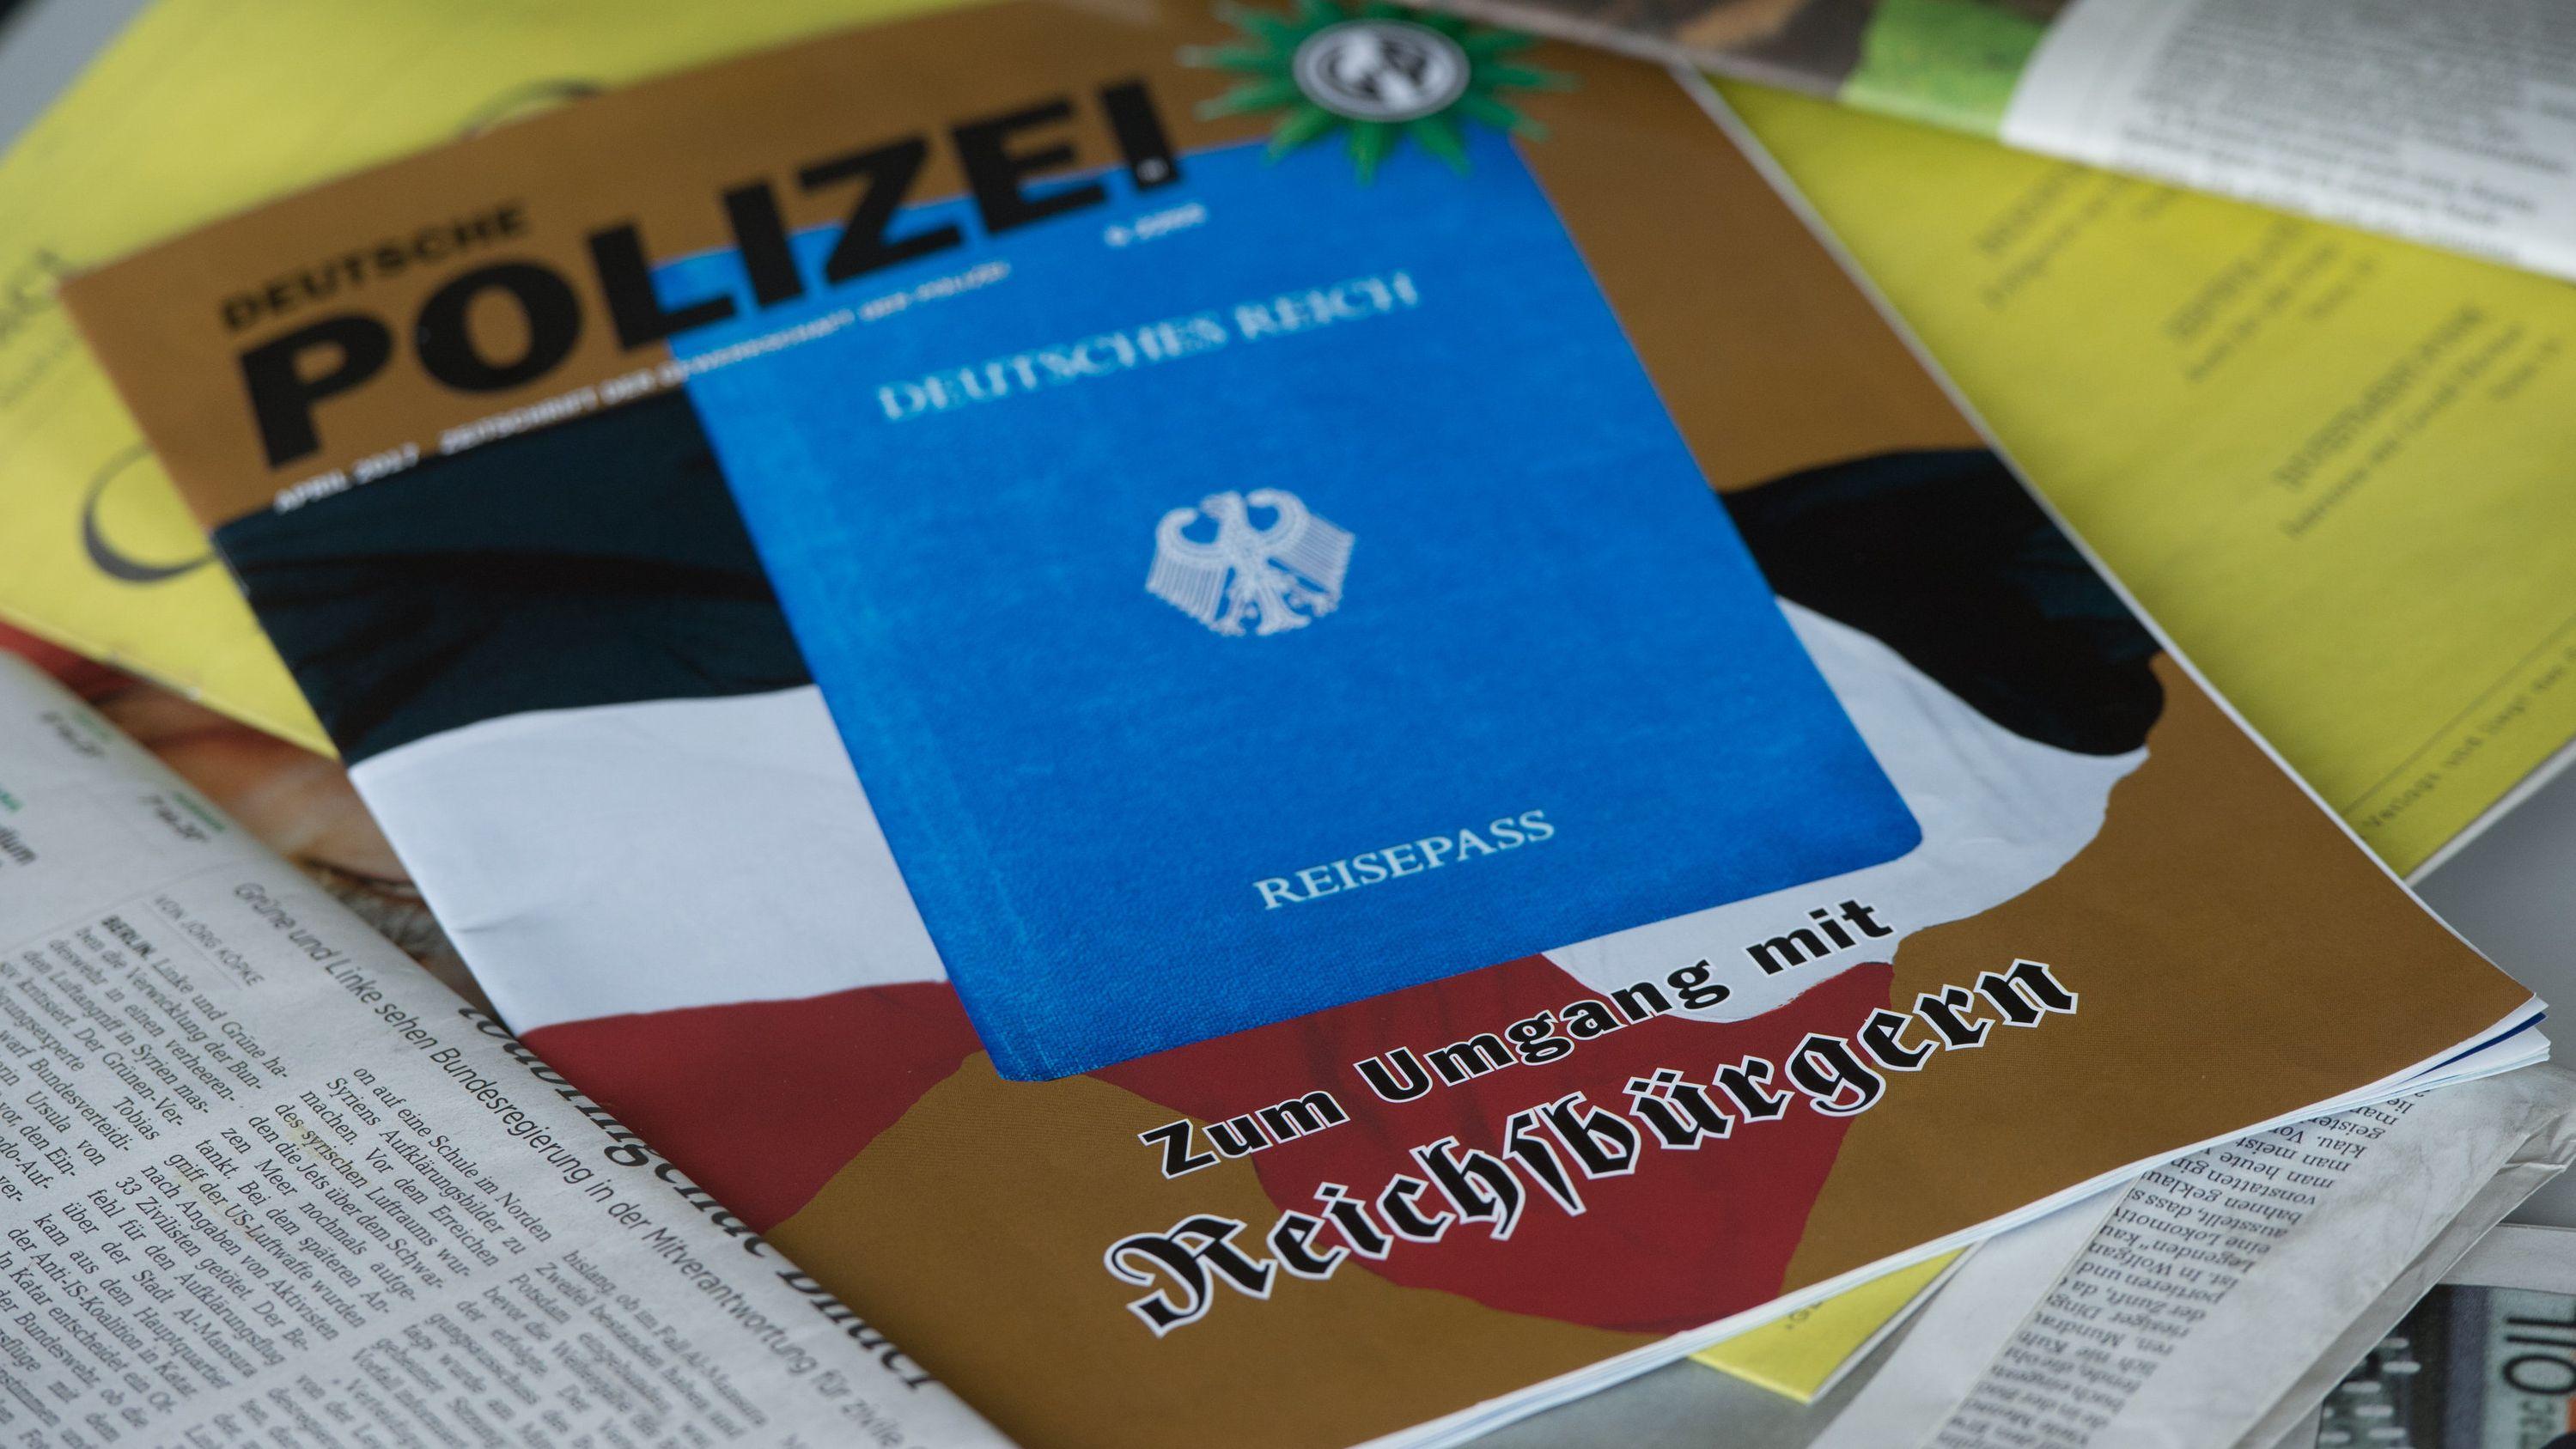 Eine Ausgabe der Zeitschrift «Deutsche Polizei», die von der Gewerkschaft der Polizei herausgegeben wird, liegt auf einem Tisch. Selbsternannte Reichsbürger machten den Behörden mit ihrem Hang zu Waffen Sorgen, inzwischen wurde eine größere Zahl von Waffen einkassiert.